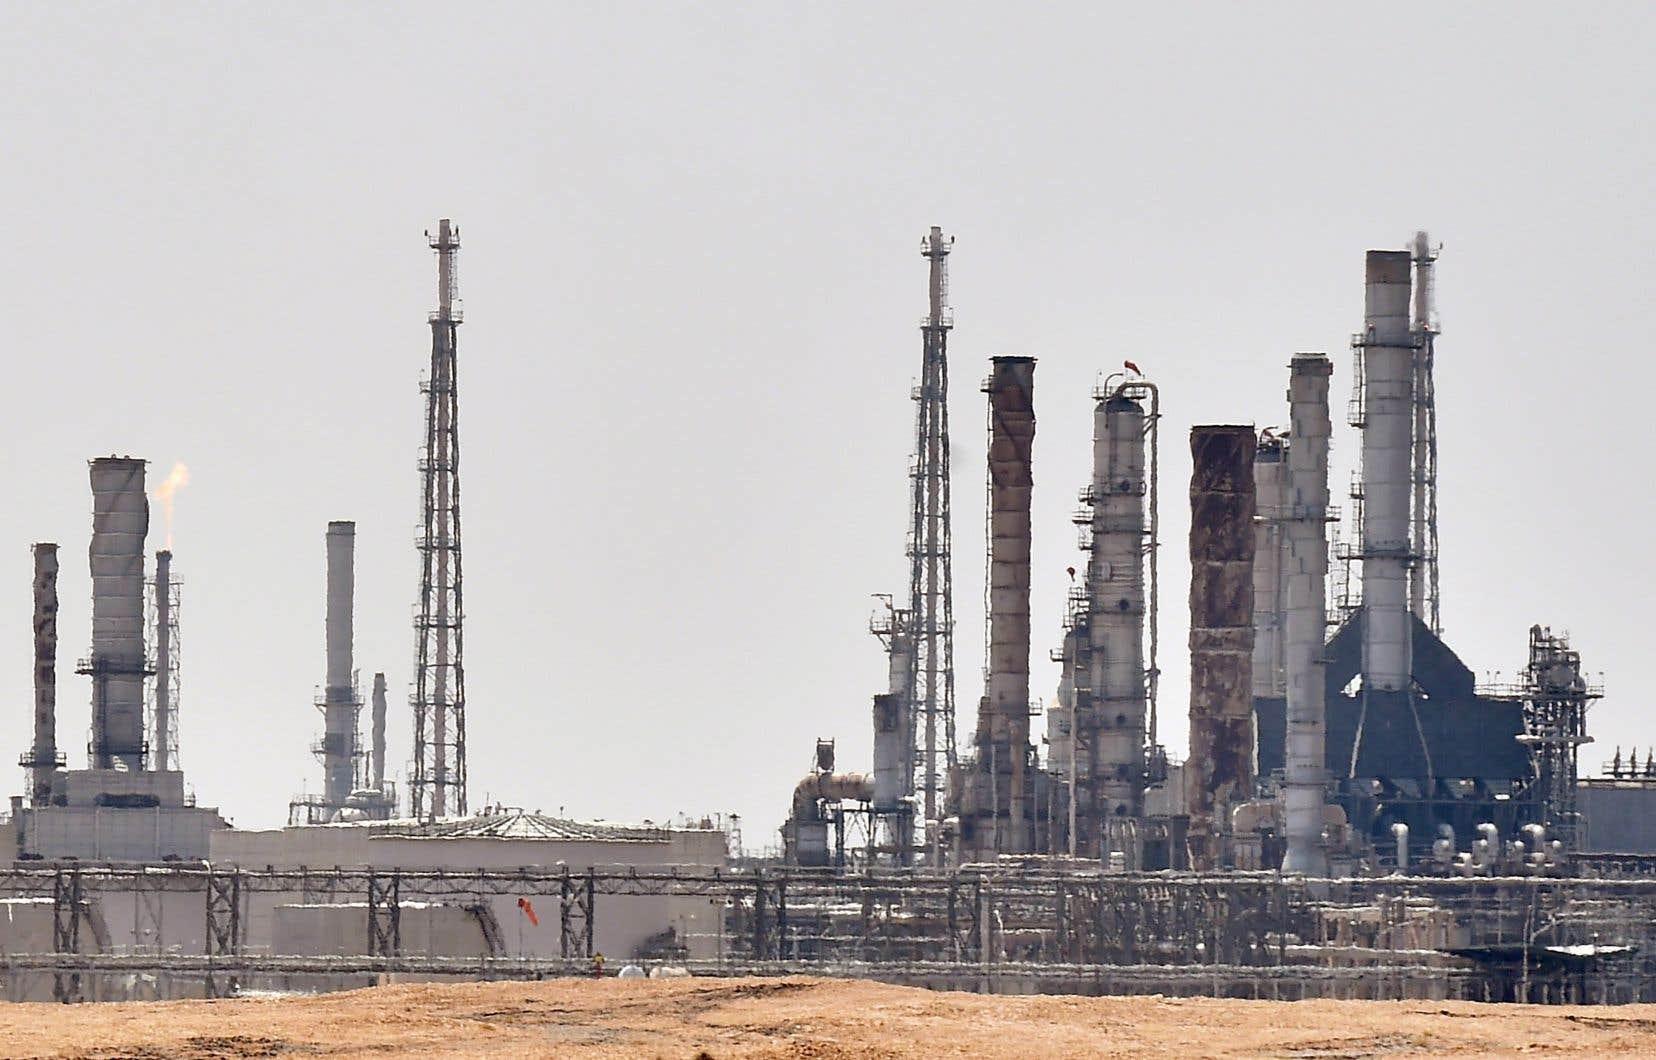 Une installation d'exploitation pétrolière d'Aramco près de Riyad. L'entreprise saoudienne a annoncé dimanche une chute de 73% de son bénéfice net au deuxième trimestre.